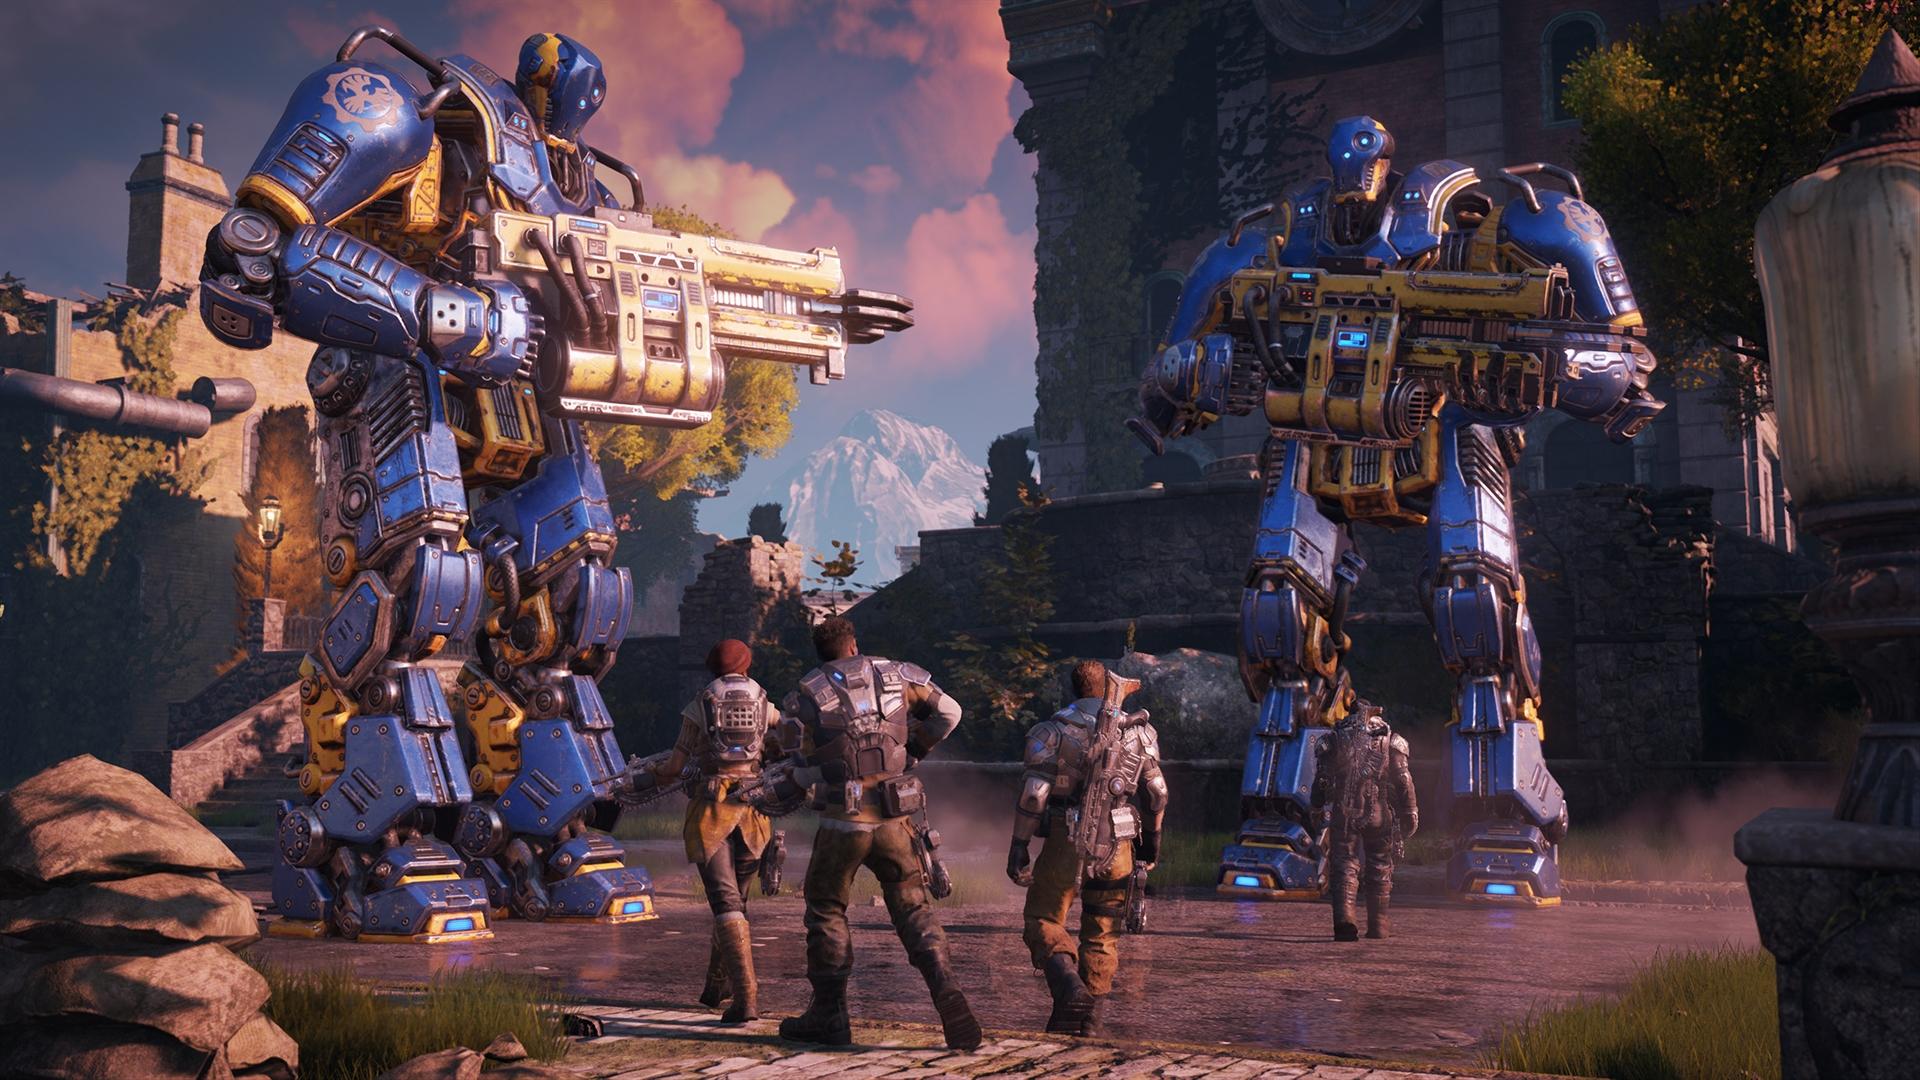 gears-of-war-4-screenshot-6.jpg